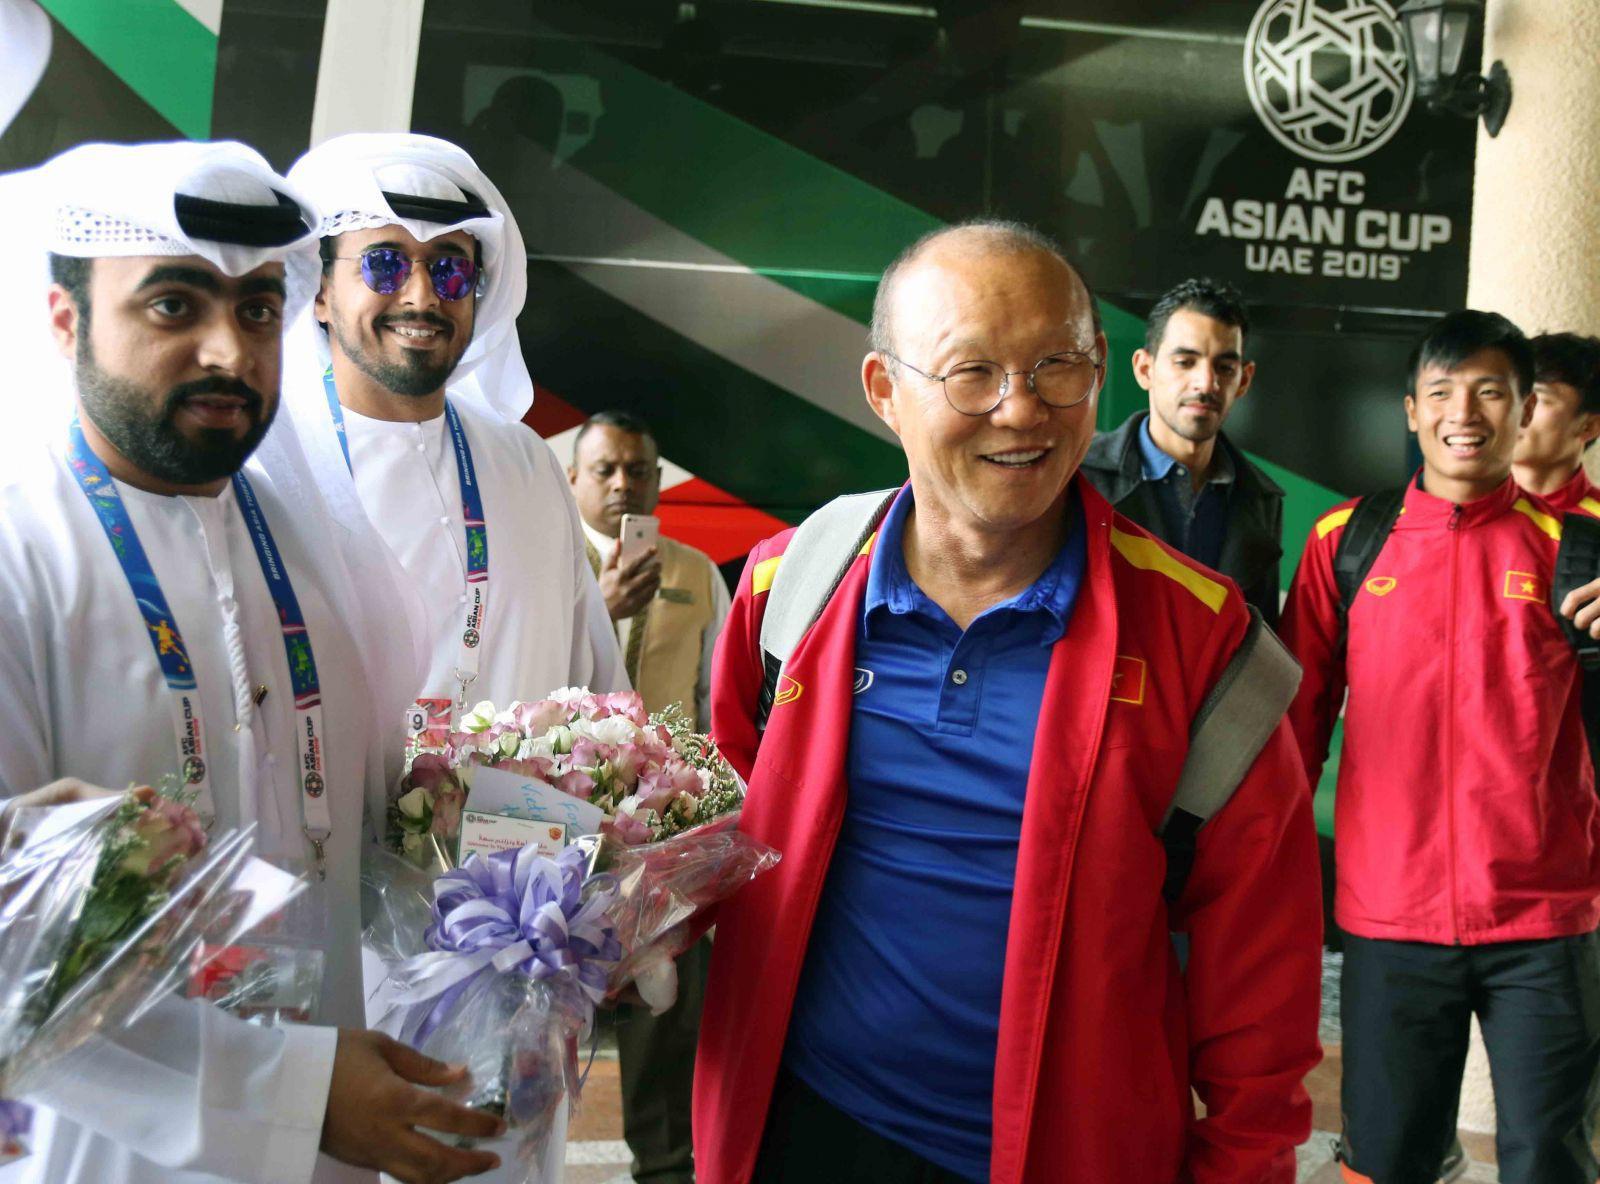 asian cup 2019, - photo 8 1547433006359391675342 - Trước trận quyết đấu Yemen, tuyển Việt Nam chuyển tới ở resort sang chảnh bậc nhất UAE